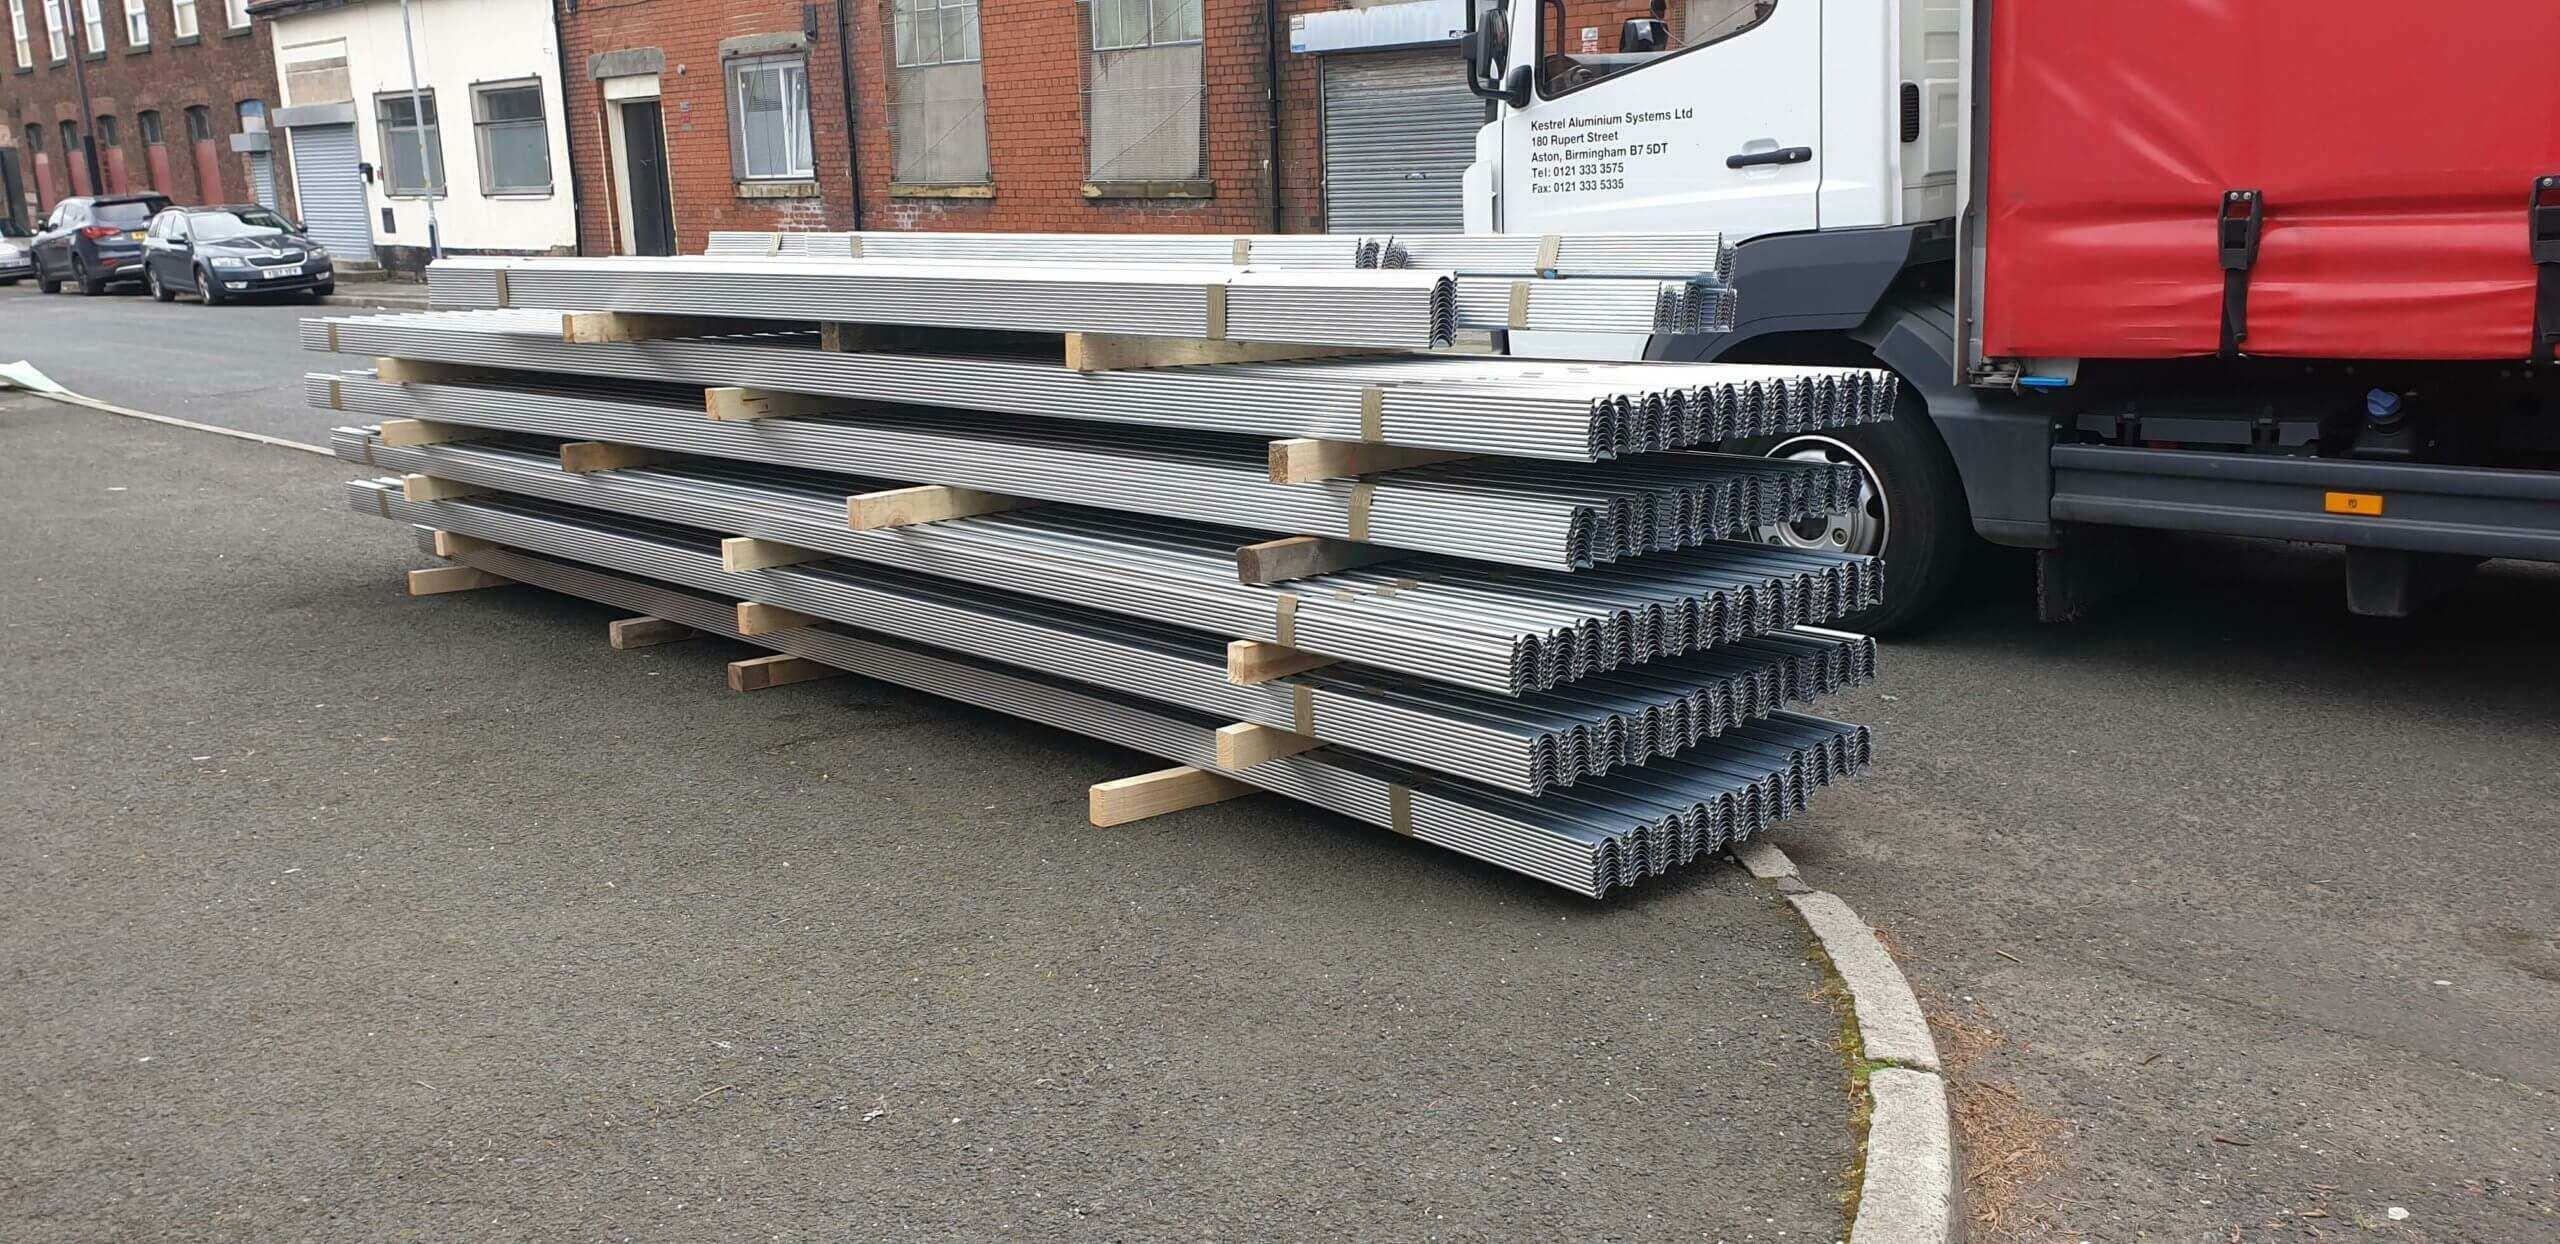 Industrial Roller Shutter Installation Doncaster 6 scaled Industrial Roller Shutter Installation - Doncaster